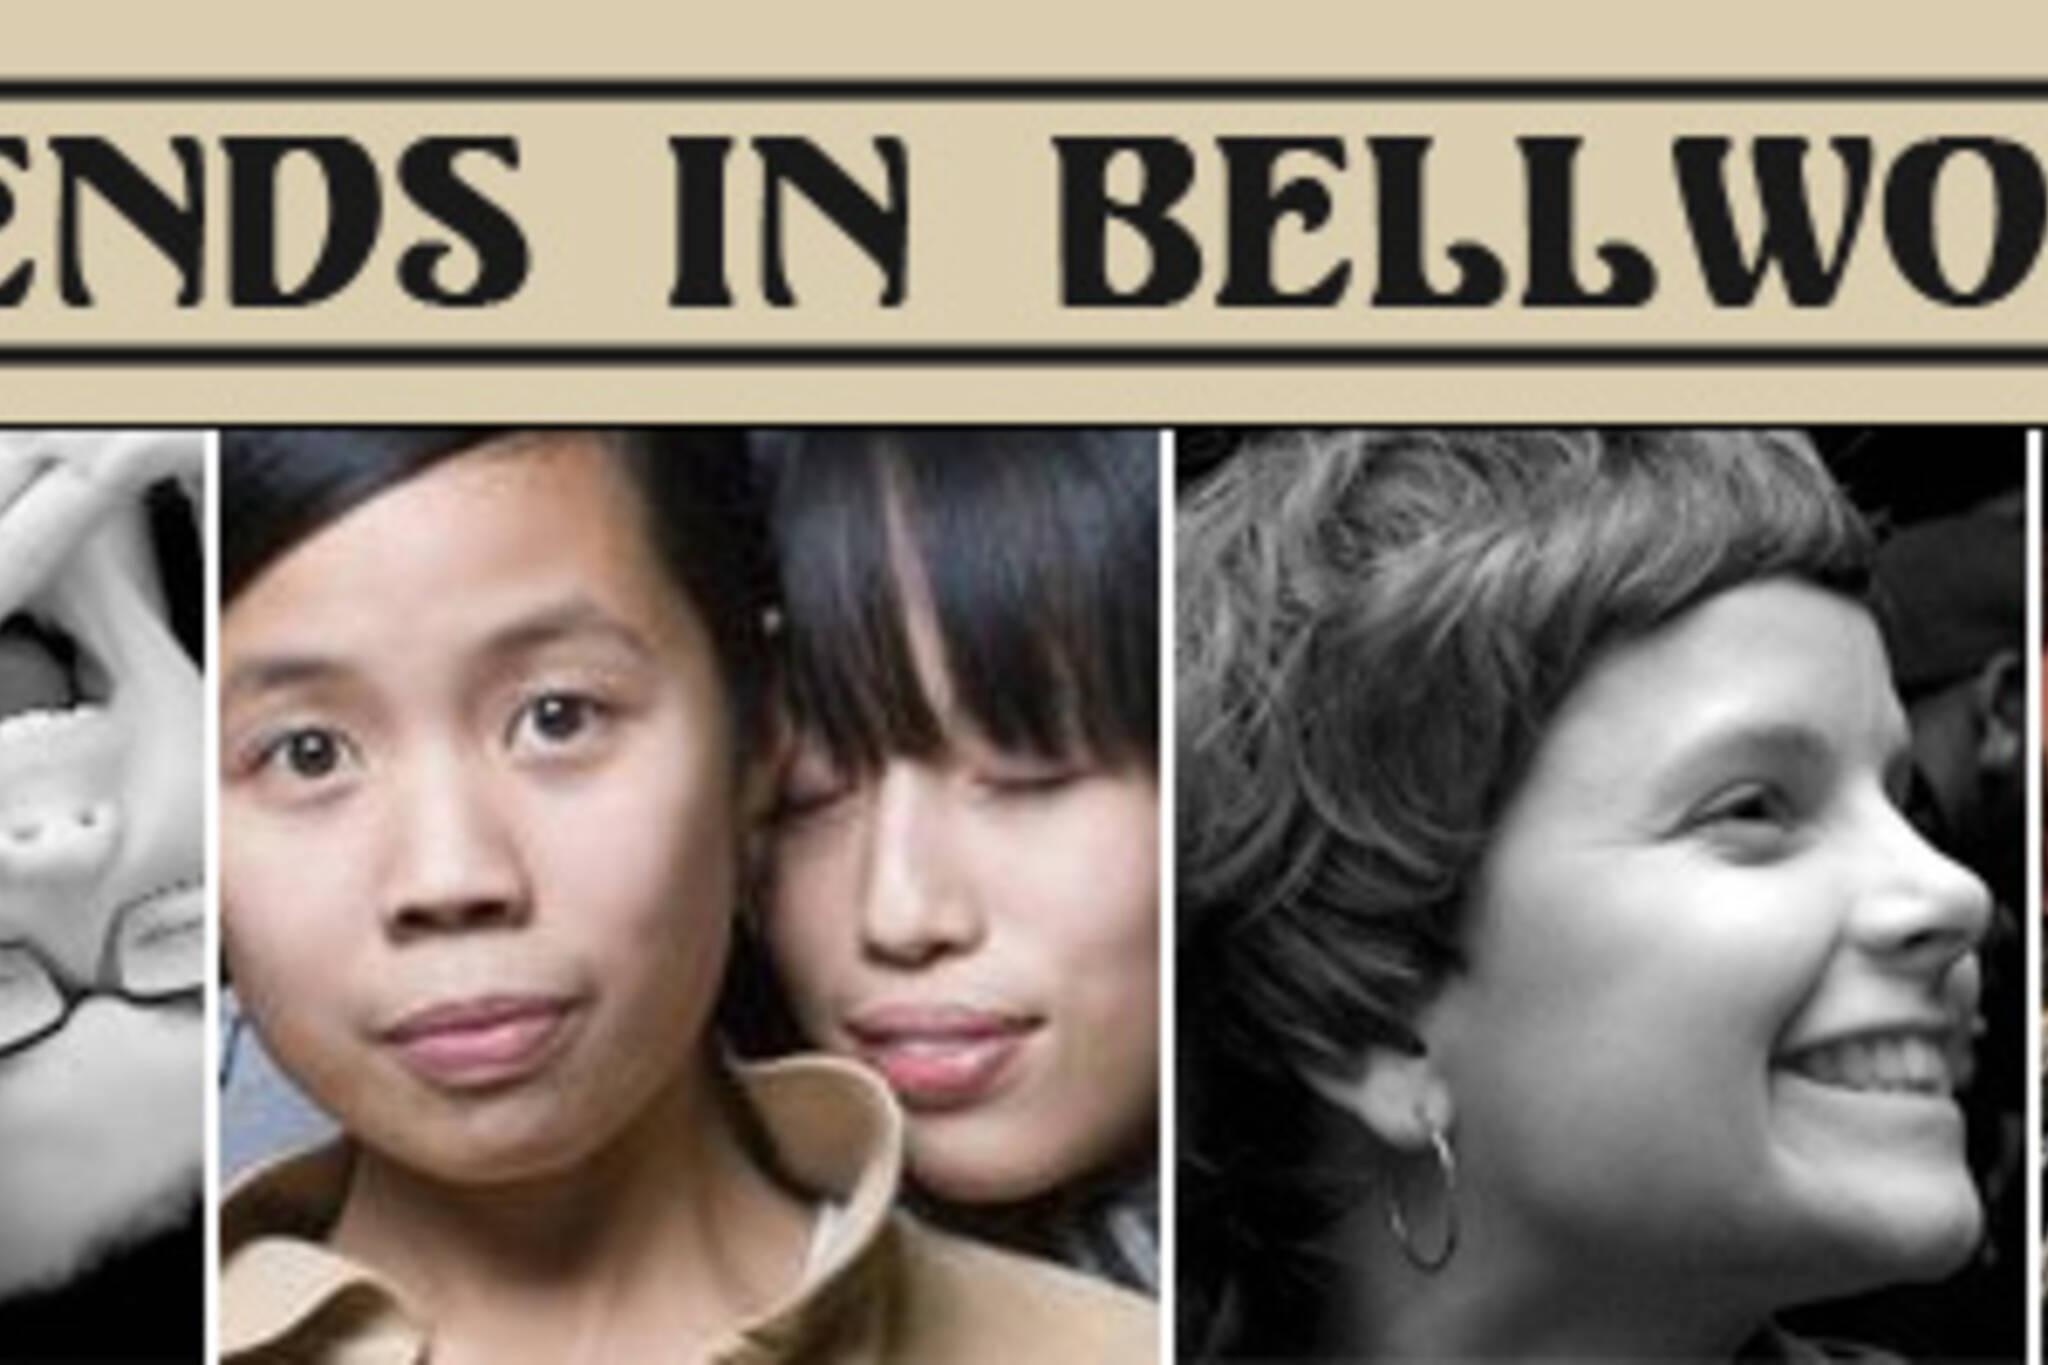 Friends In Bellwoods